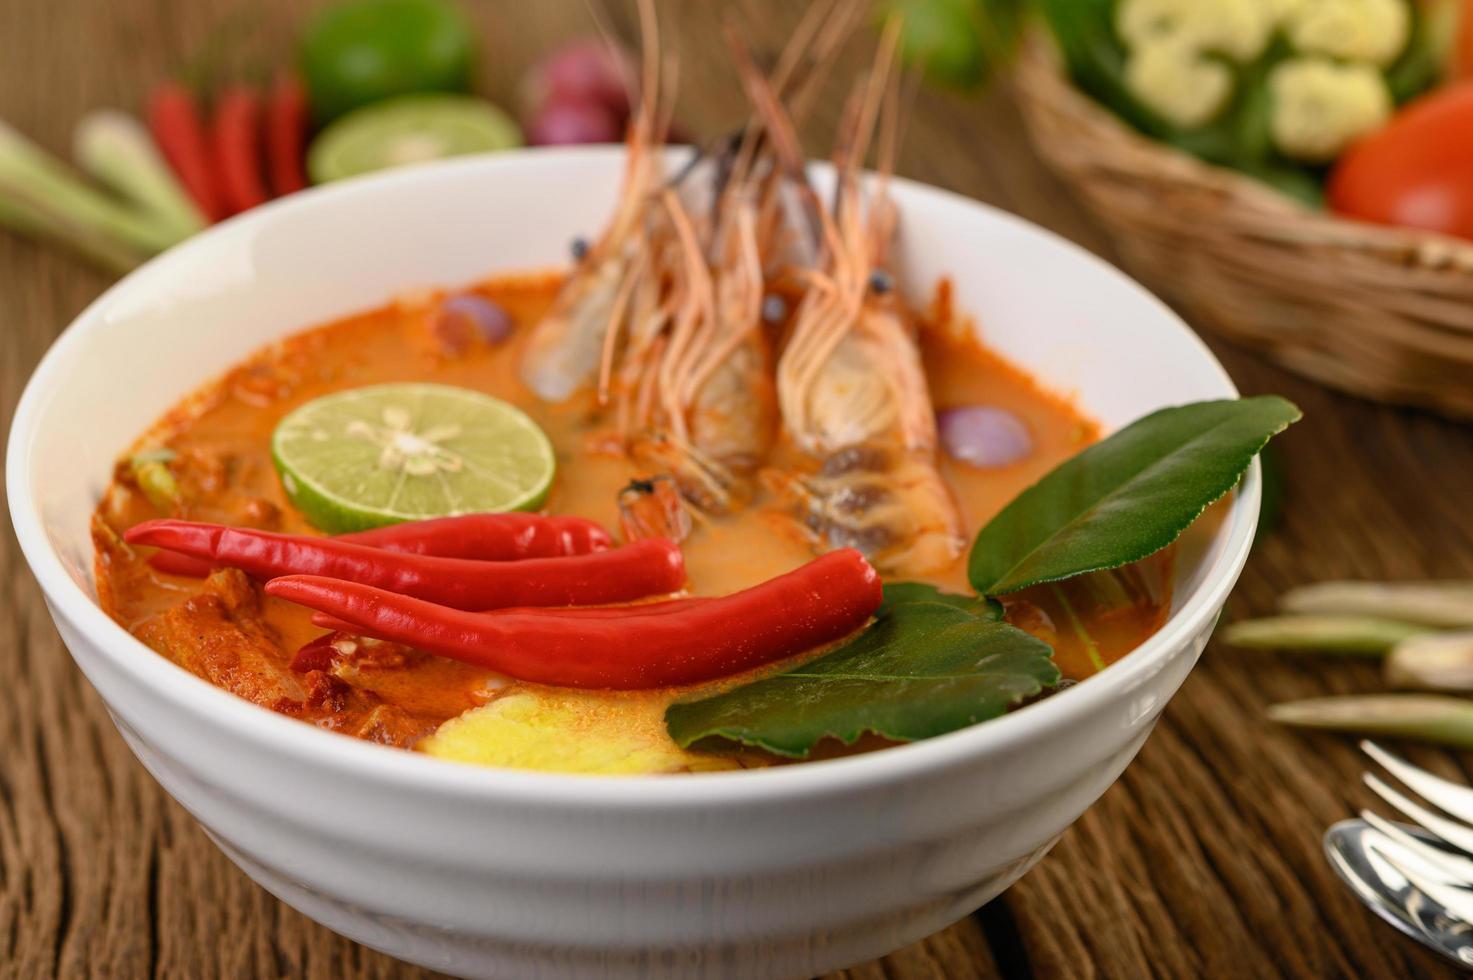 hete en pittige tom yum kung thaise soep foto